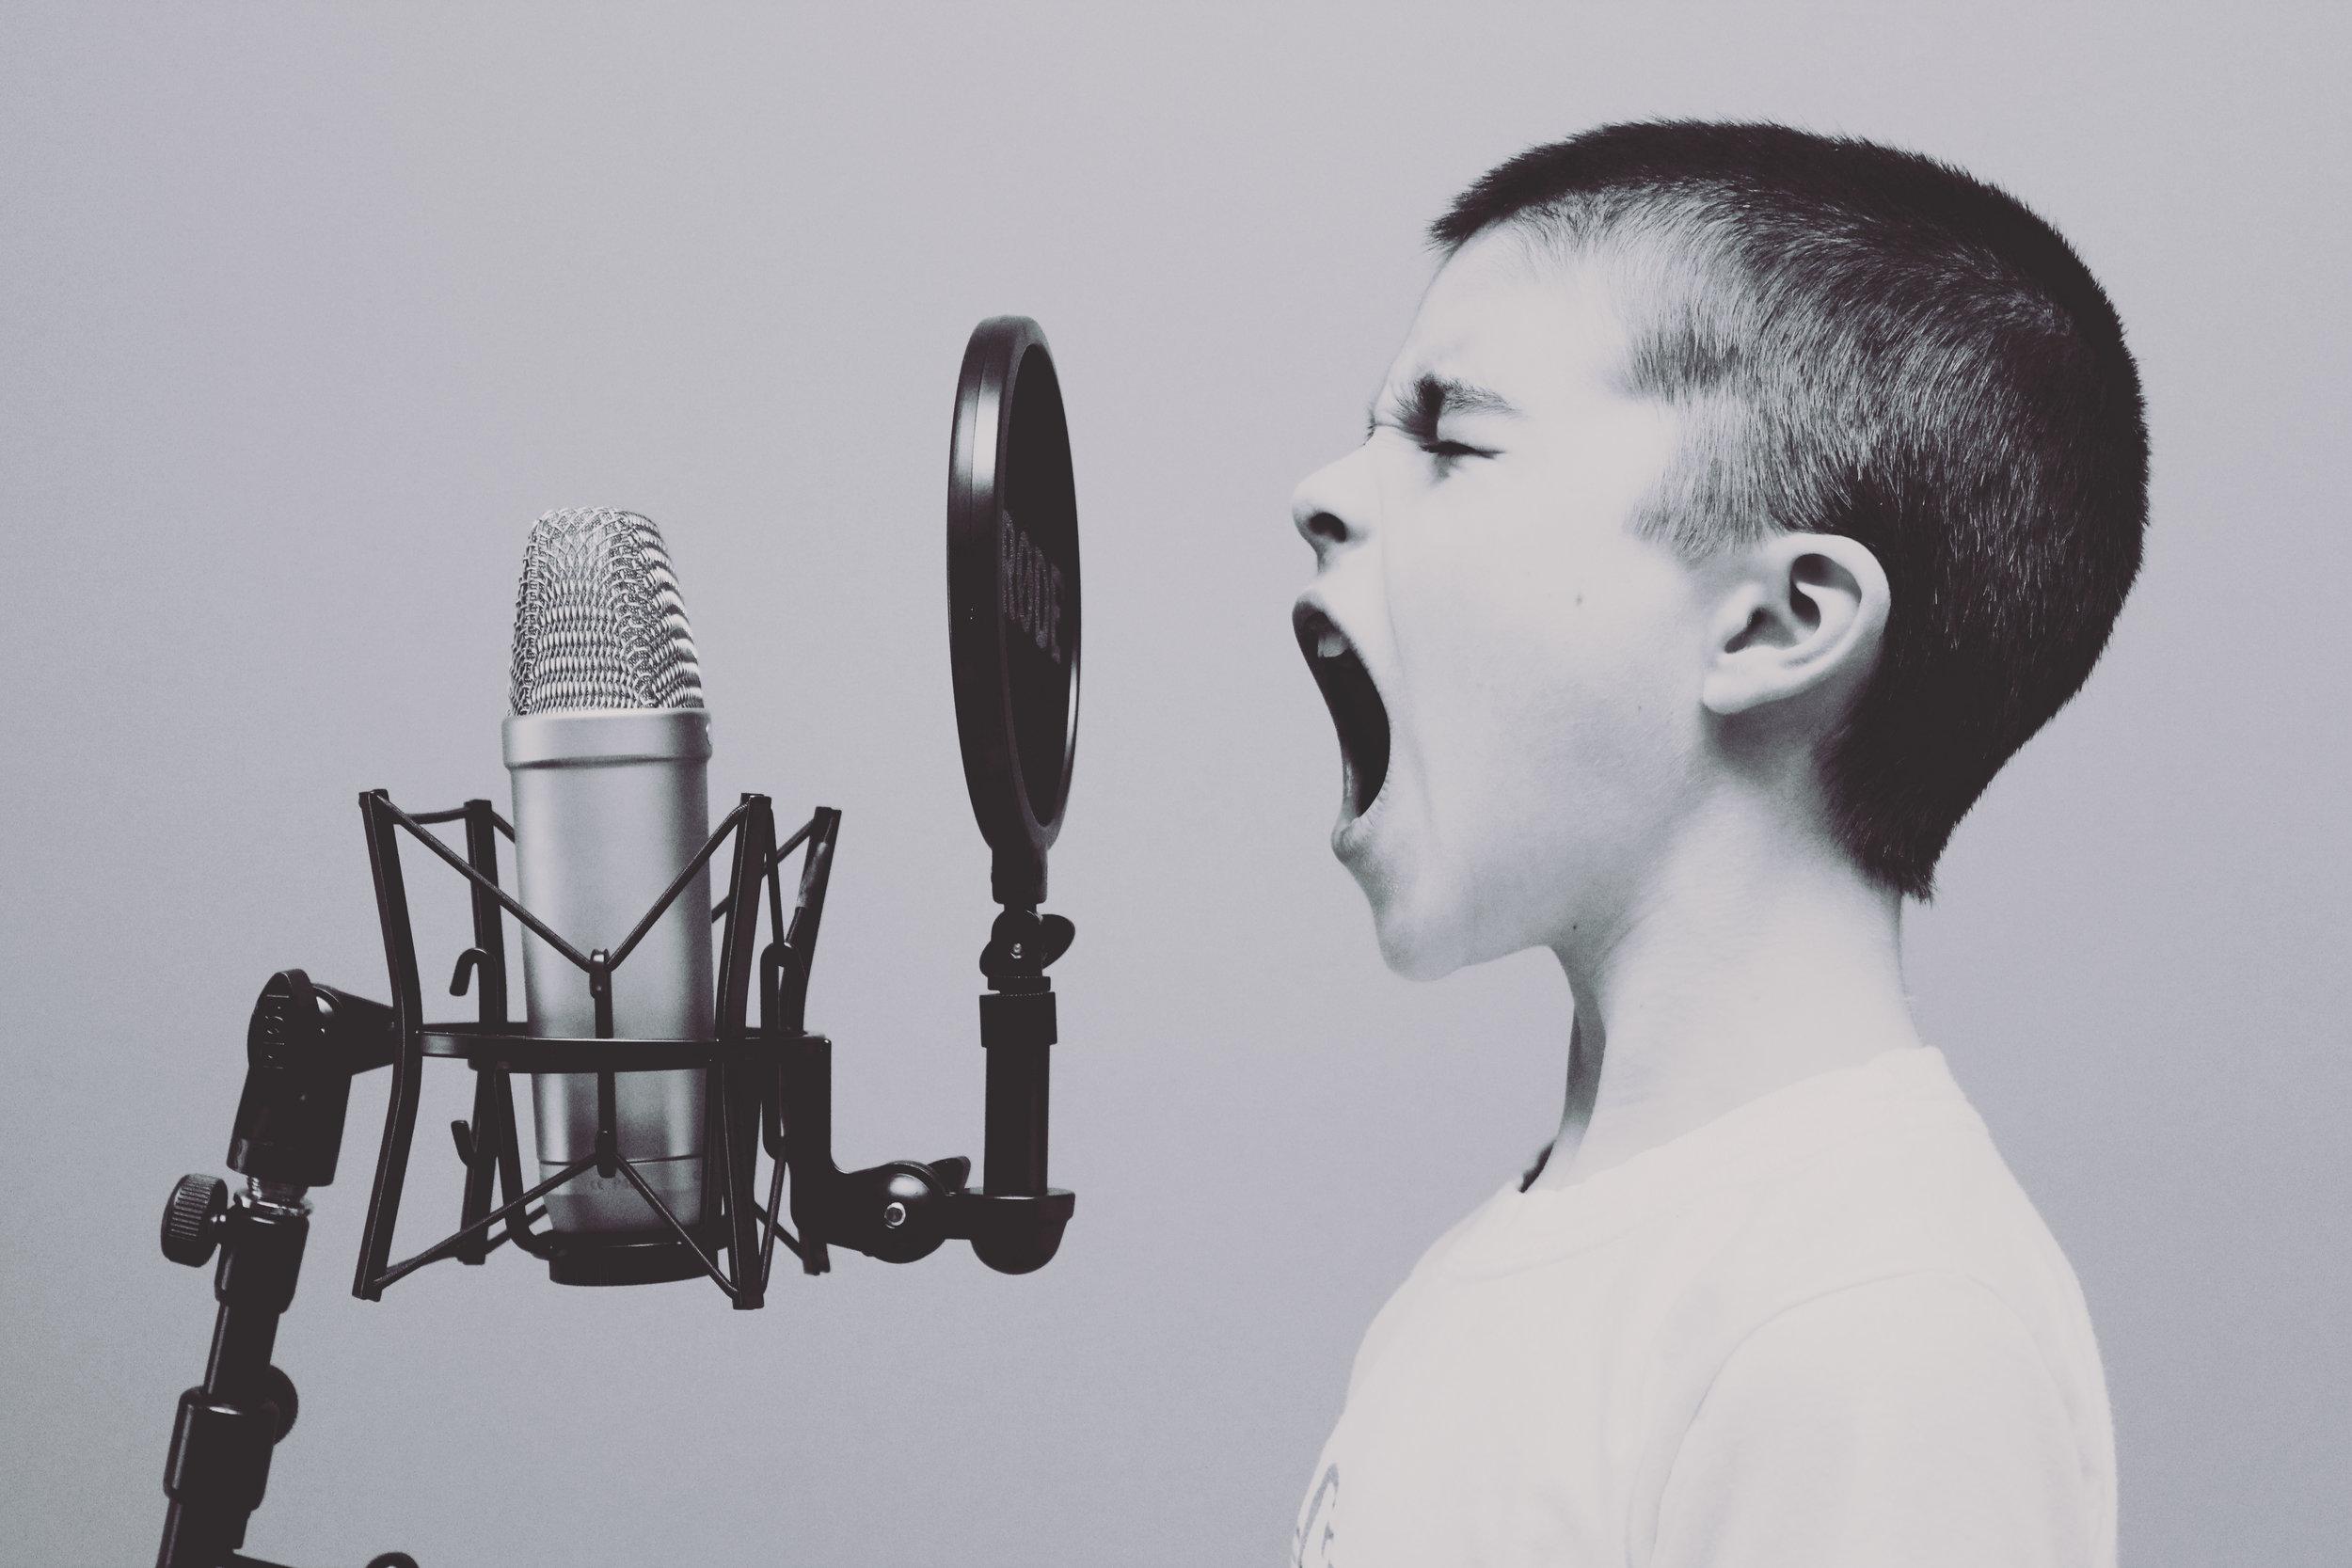 Ban het woord 'communicatie' uit uw woordenschat en vervang het van nu af aan door 'communiceren'!